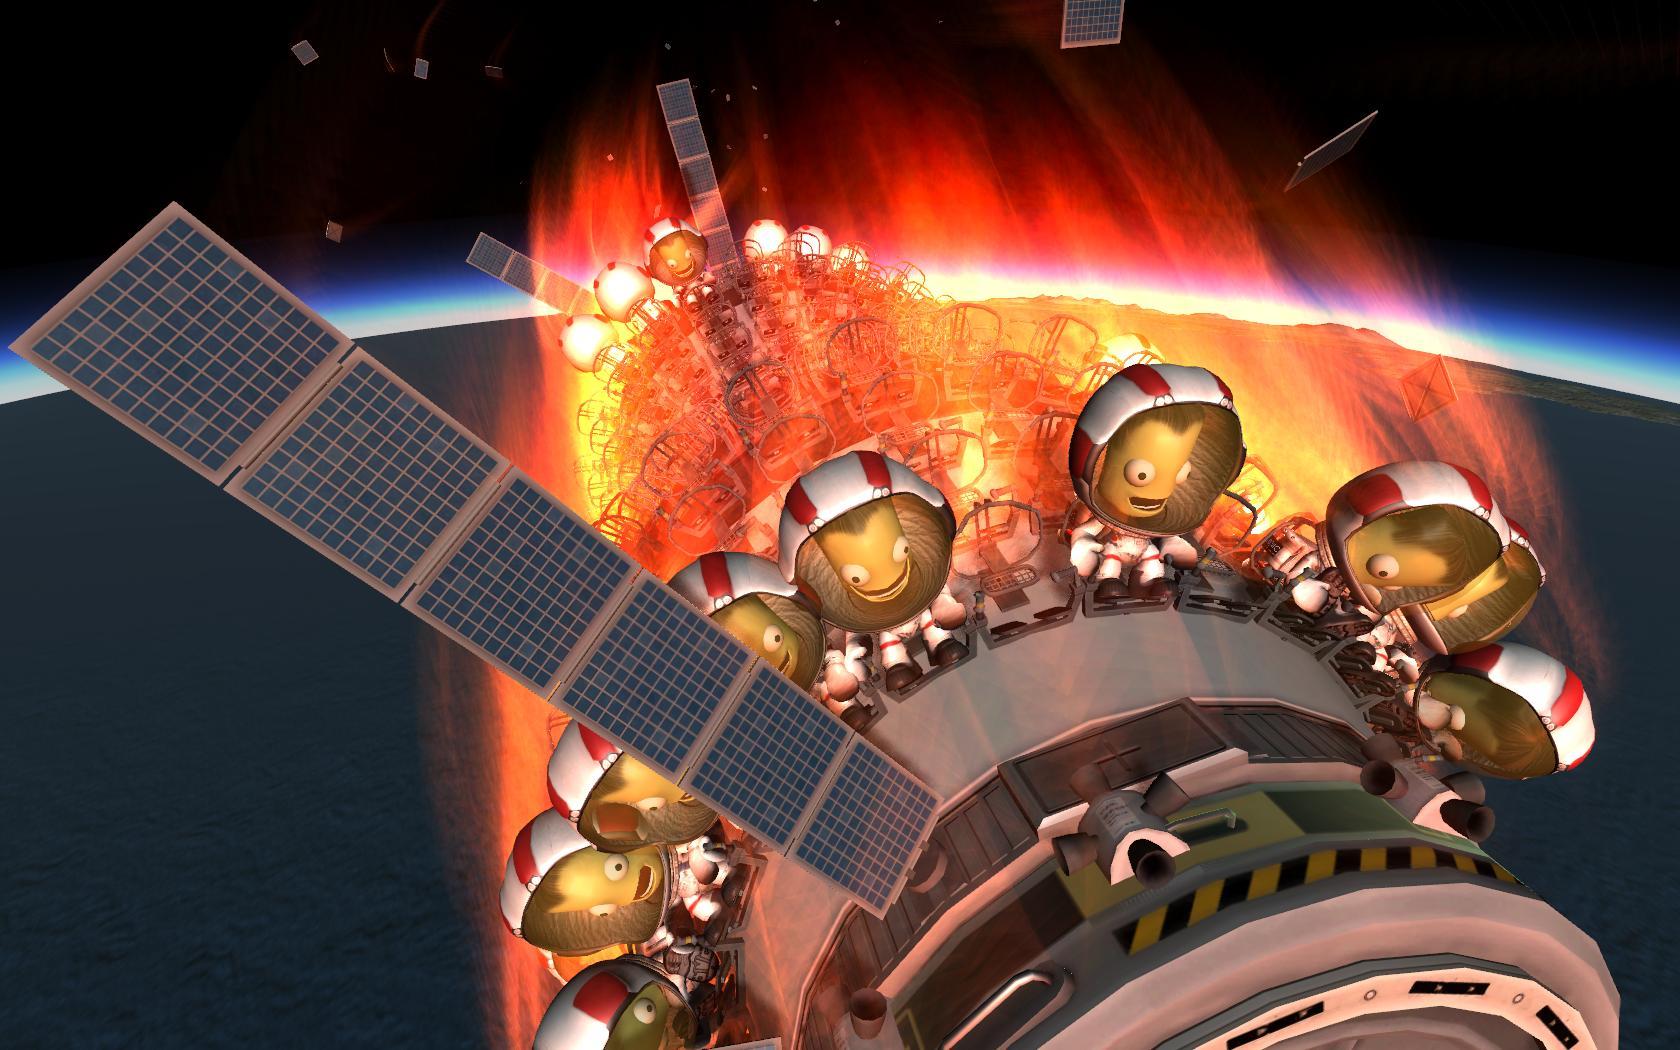 Best PC games: Kerbal Space Program